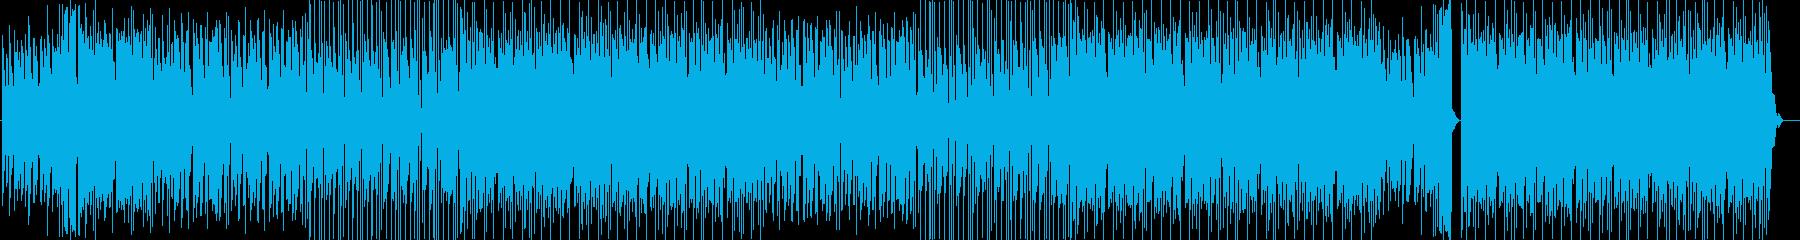 ヒップホップ/オーケストラ/動画用/#2の再生済みの波形